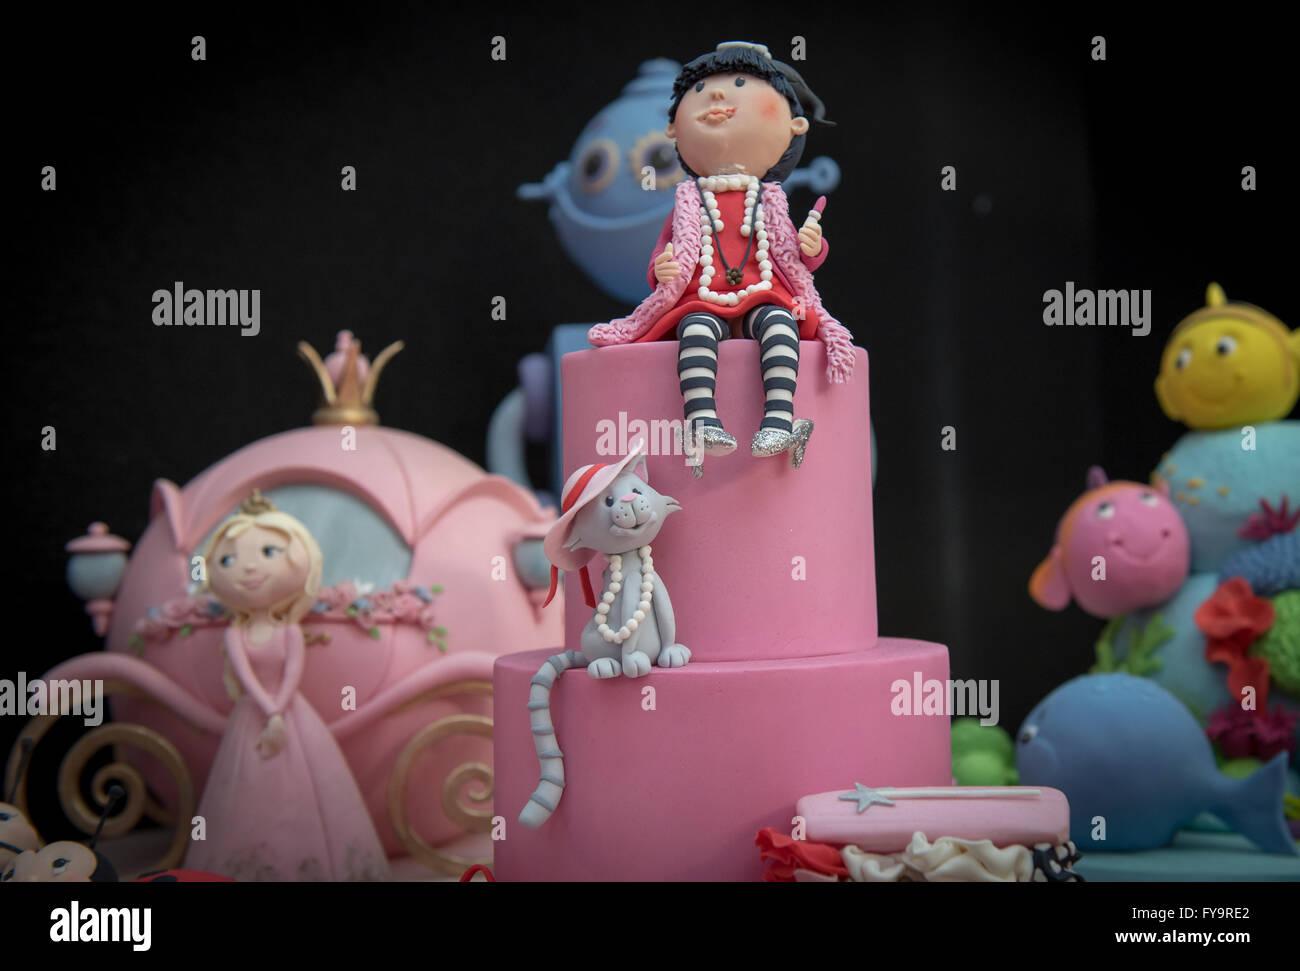 Madchen Katze Und Prinzessin Essbare Kuchen Dekorationen Kuchen